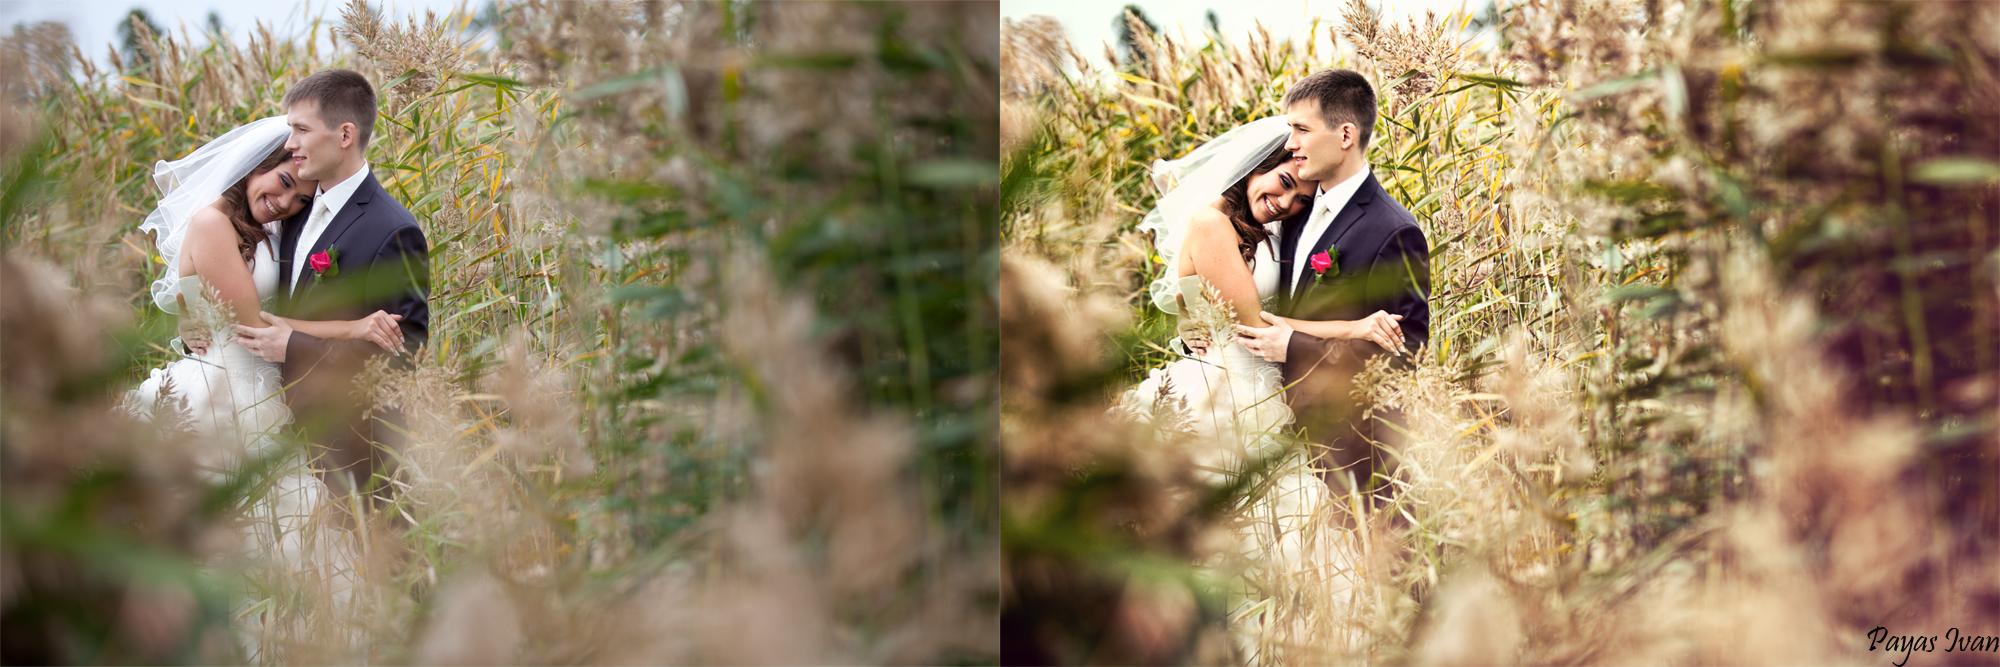 Как обрабатывать фото со свадьбы